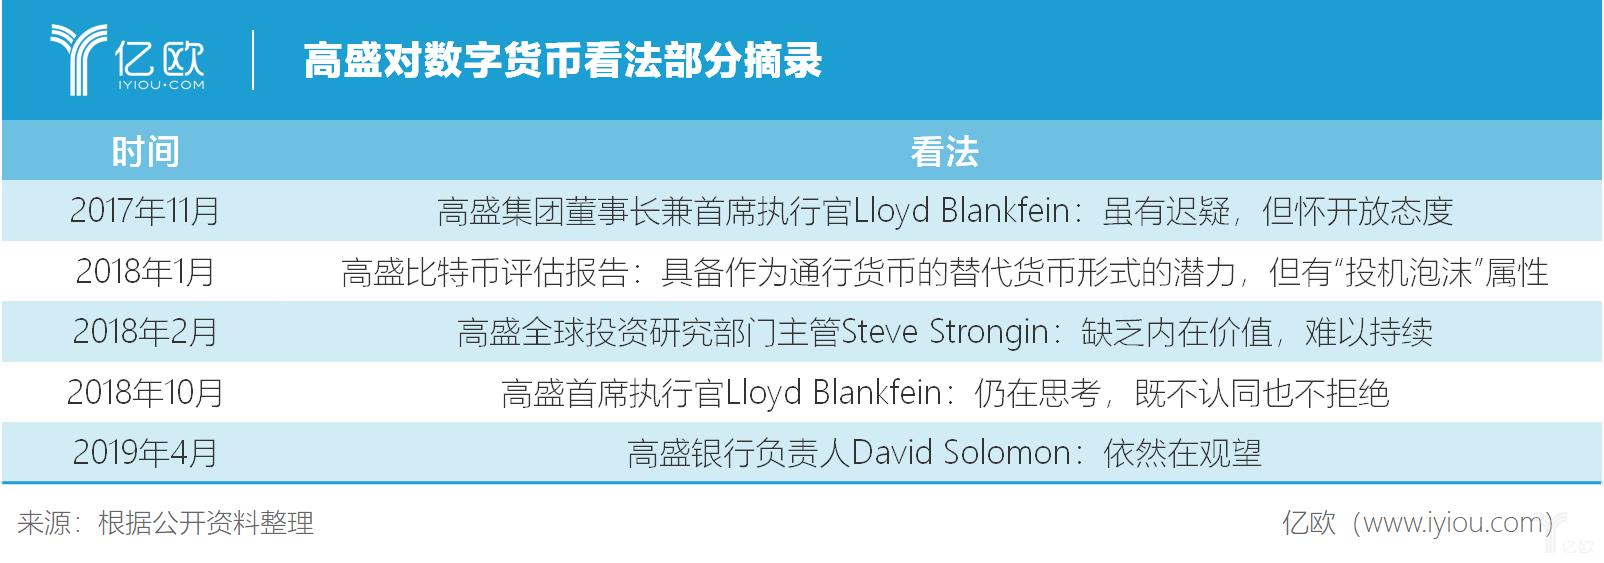 亿欧智库:高盛对数字货币看法部分摘录